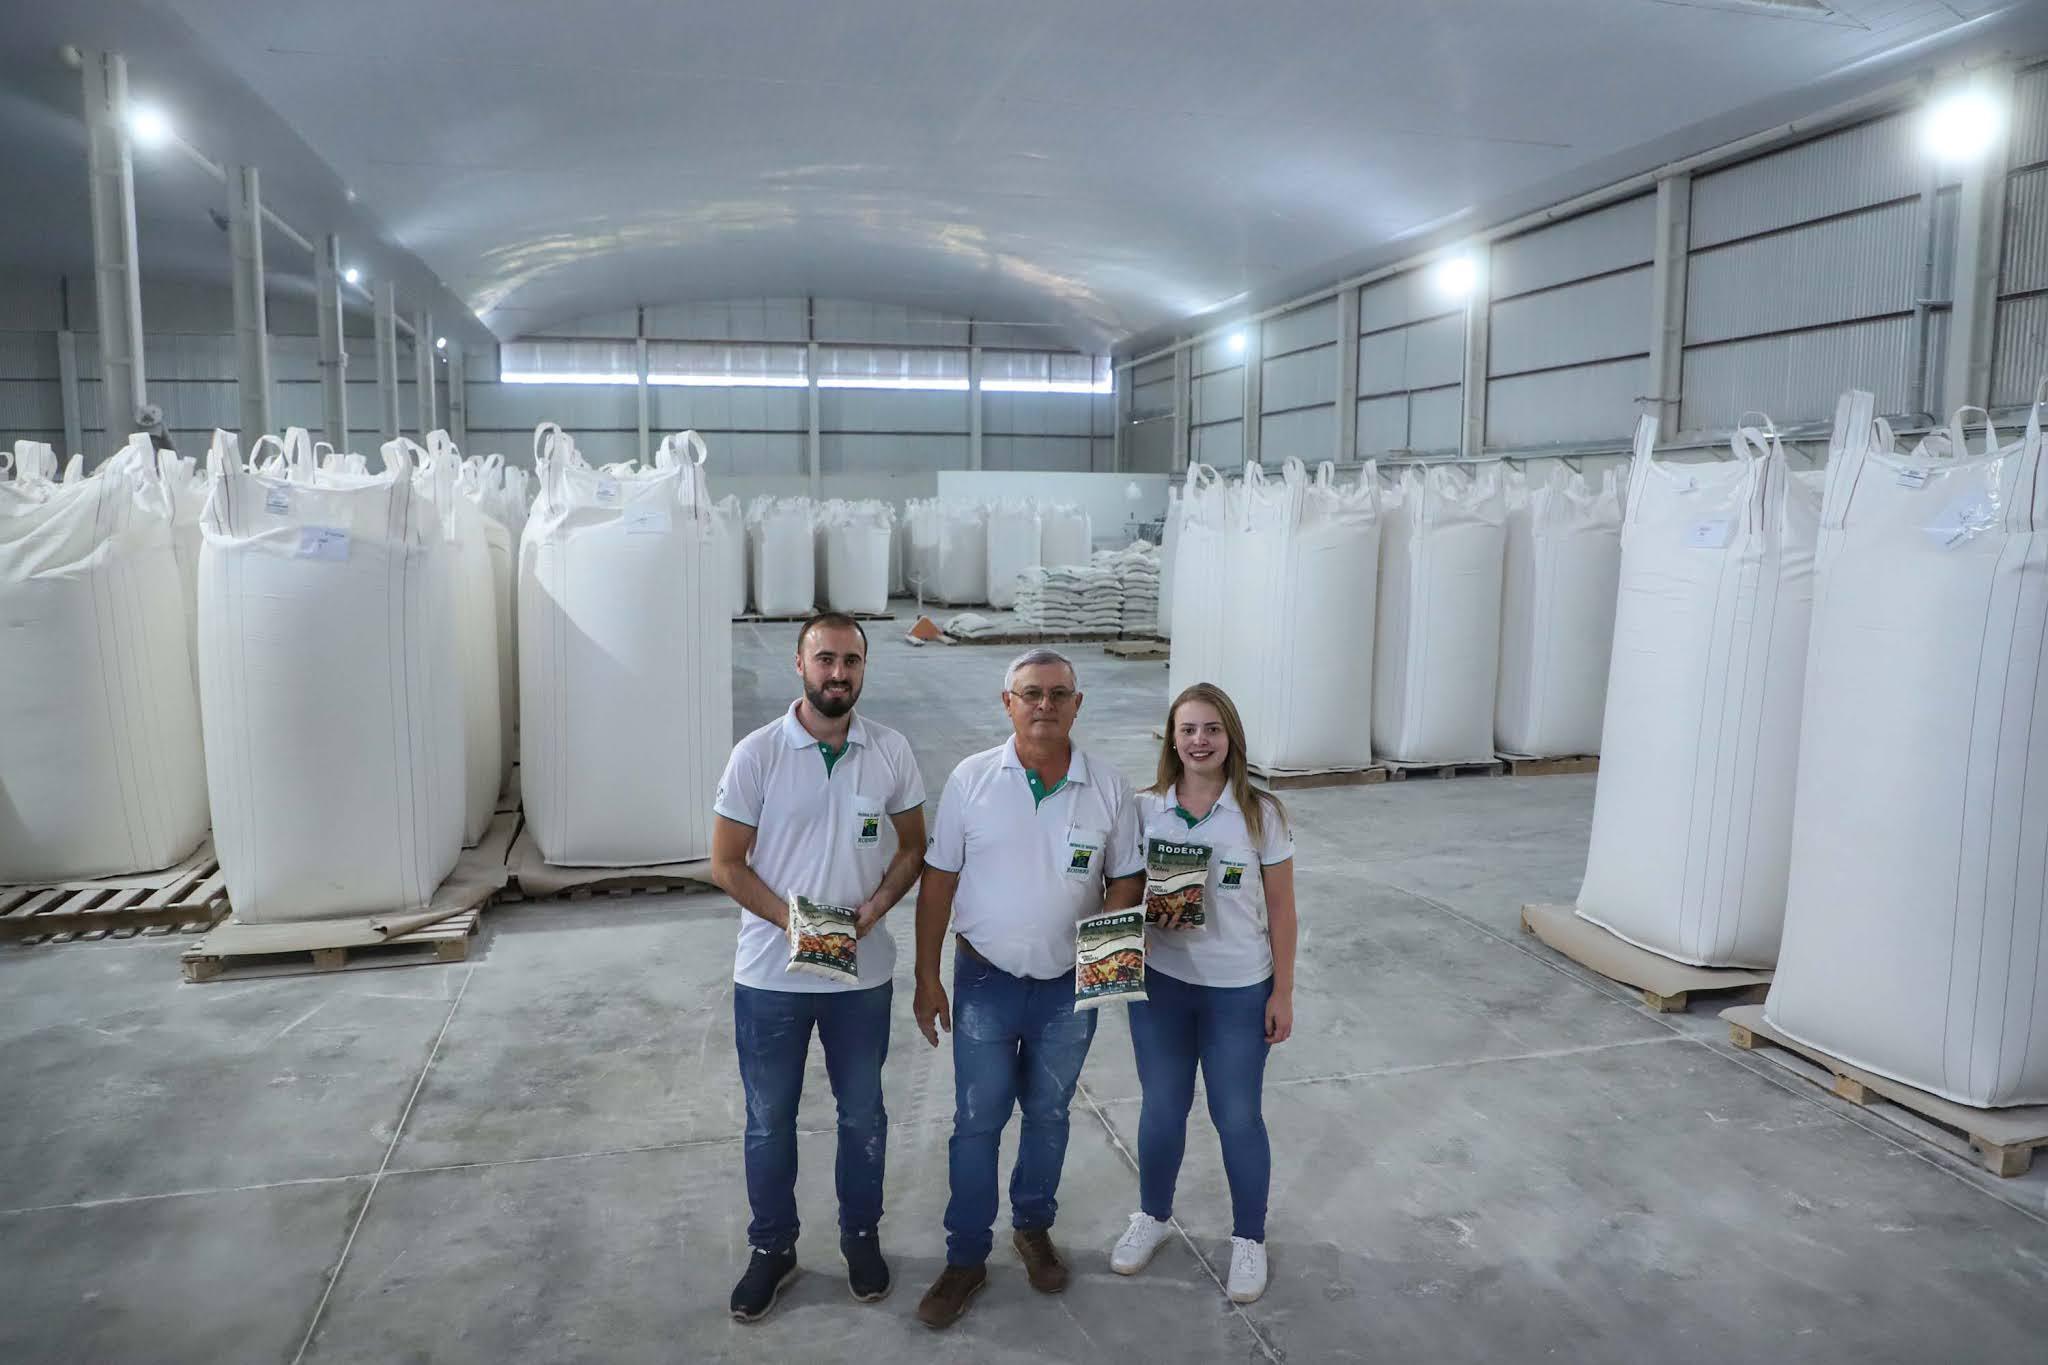 roders e filhos - Indústria paranaense produz 70% da Fécula de mandioca do país